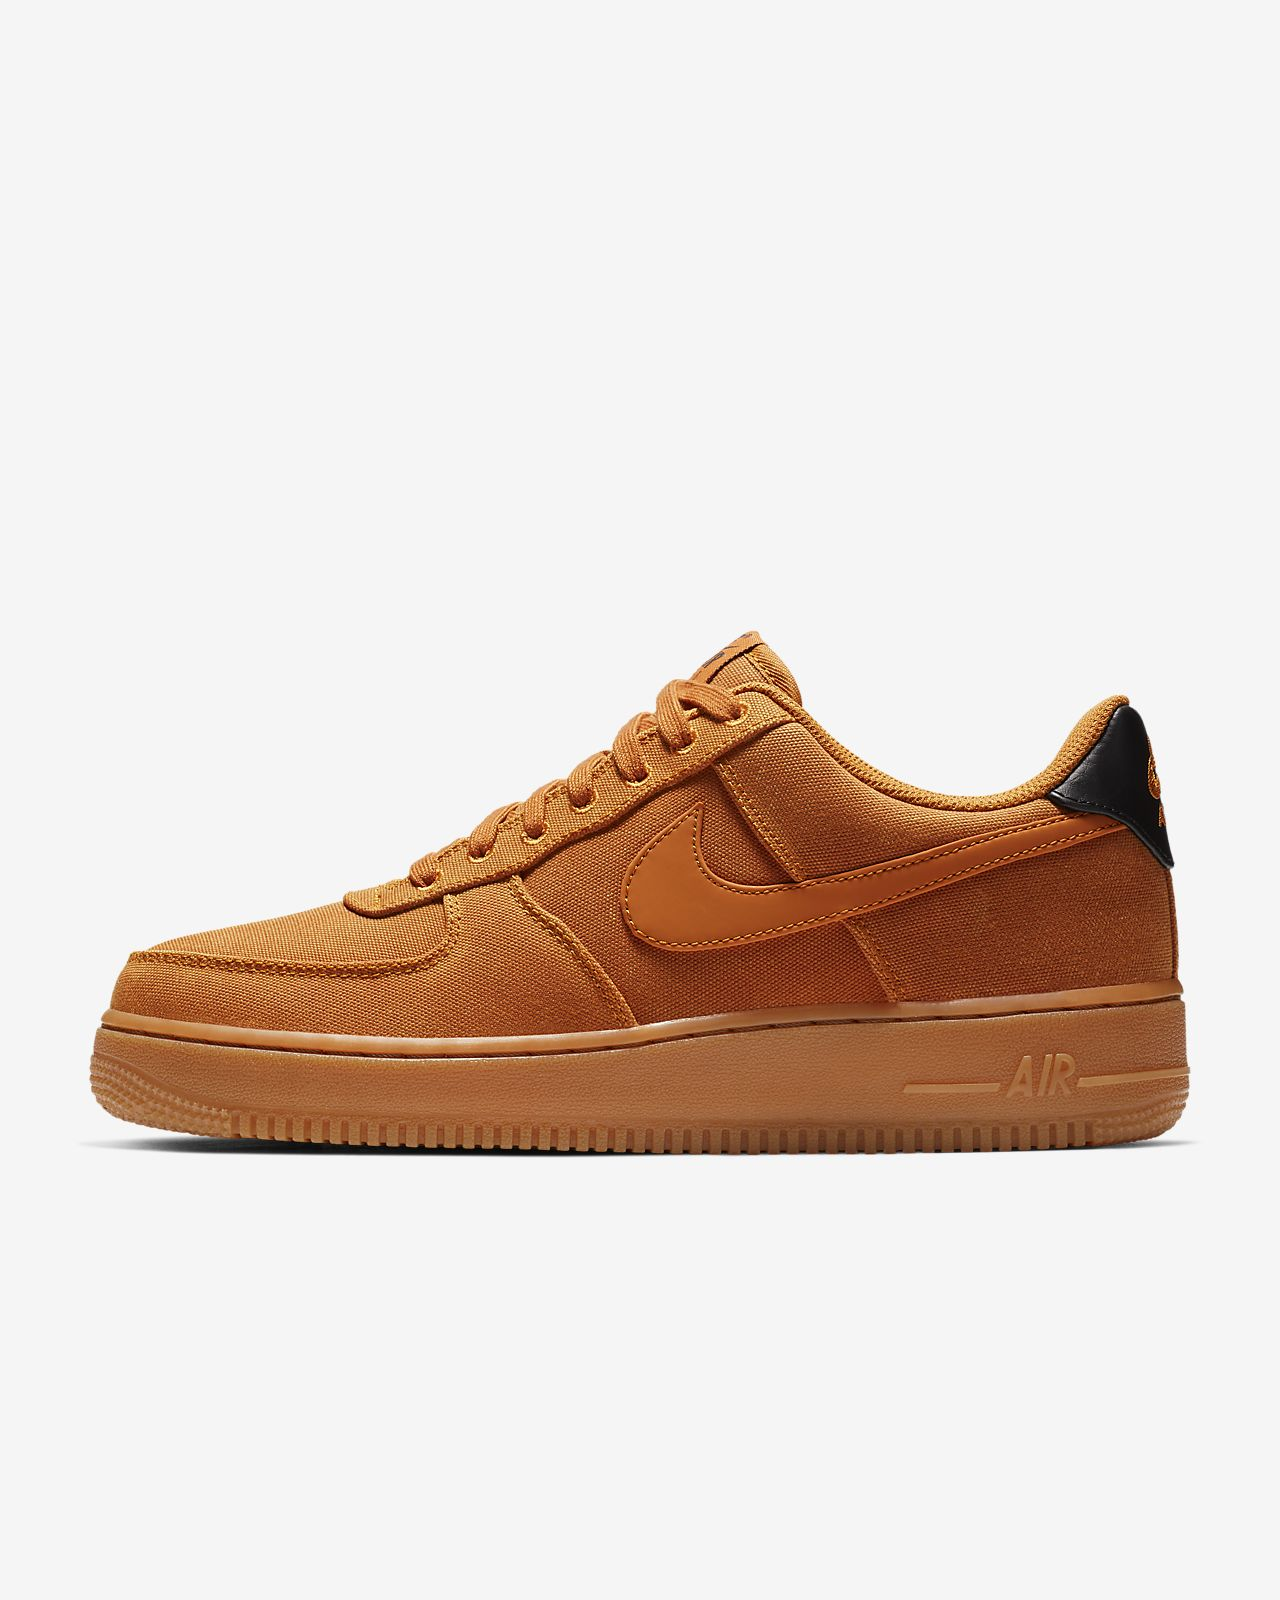 รองเท้าผู้ชาย Nike Air Force 1 '07 LV8 Style